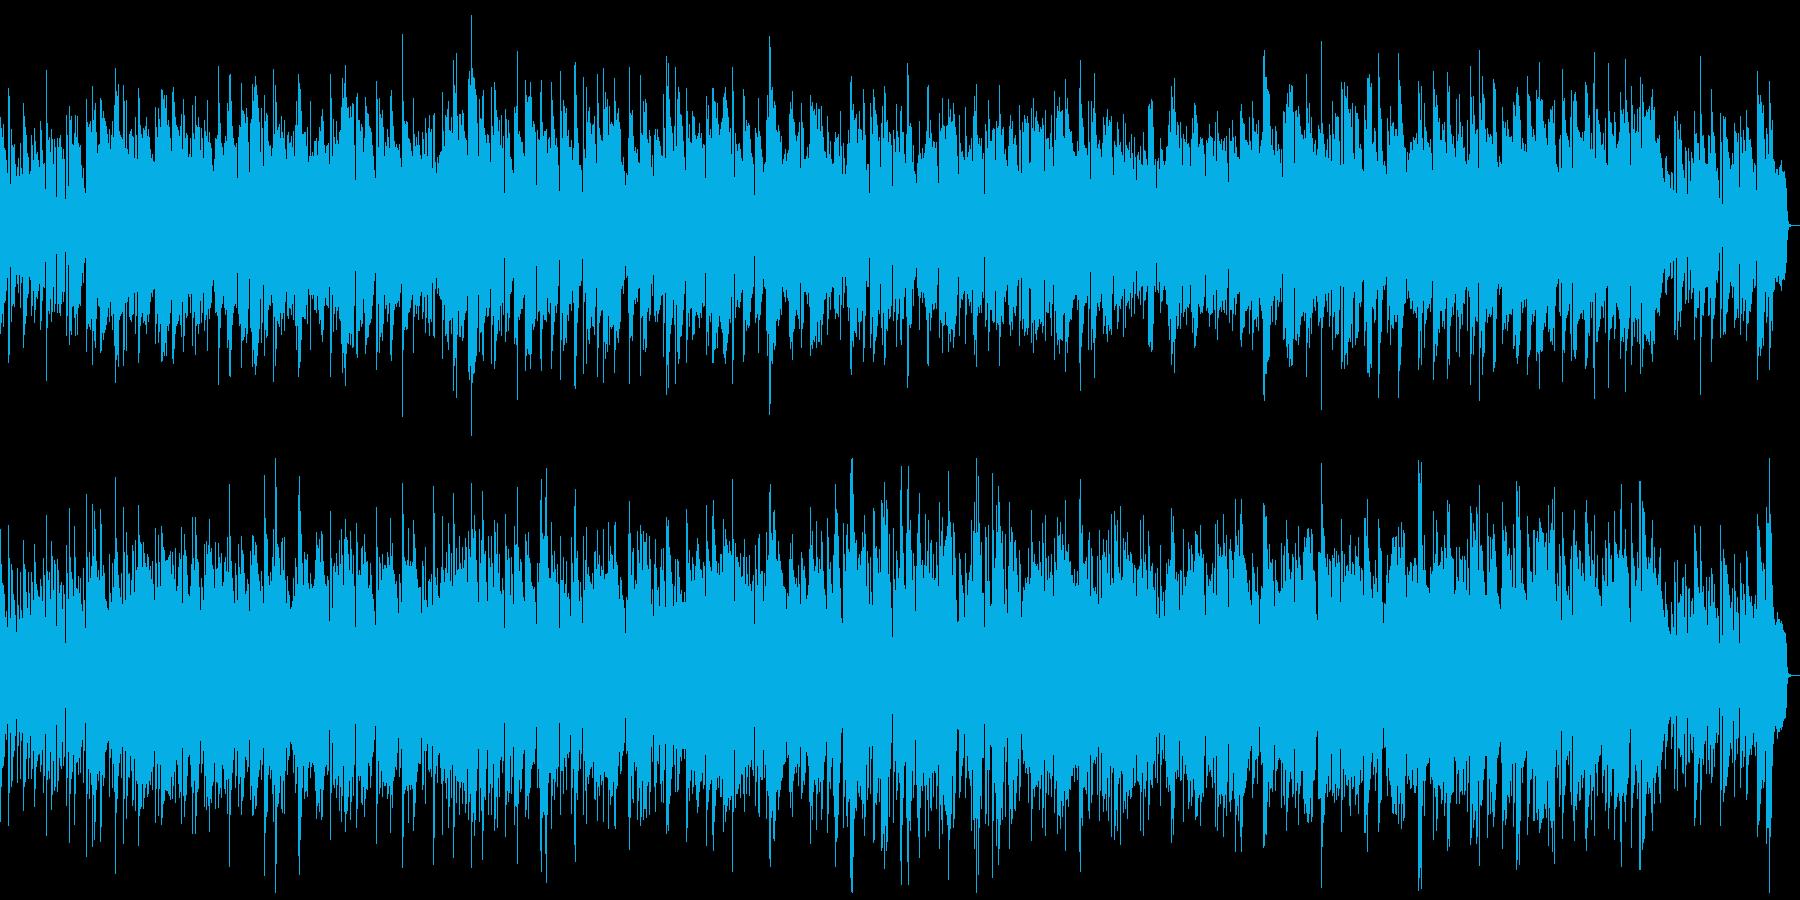 オーボエののんびりイージーリスニングの再生済みの波形